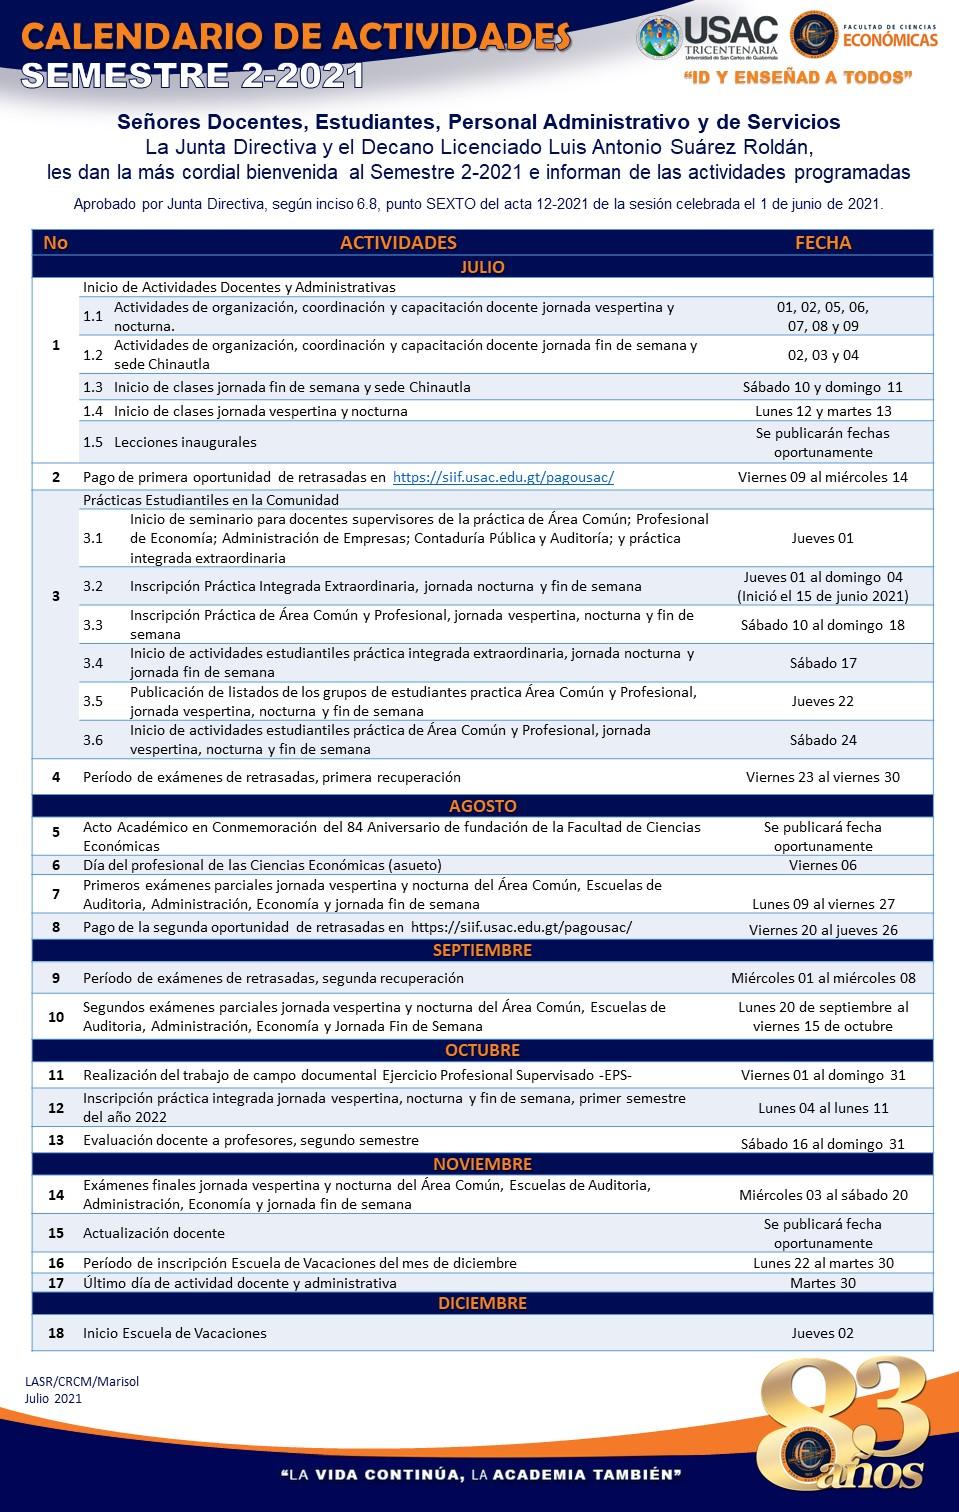 CALENDARIO DE ACTIVIDADES SEM 2-2021